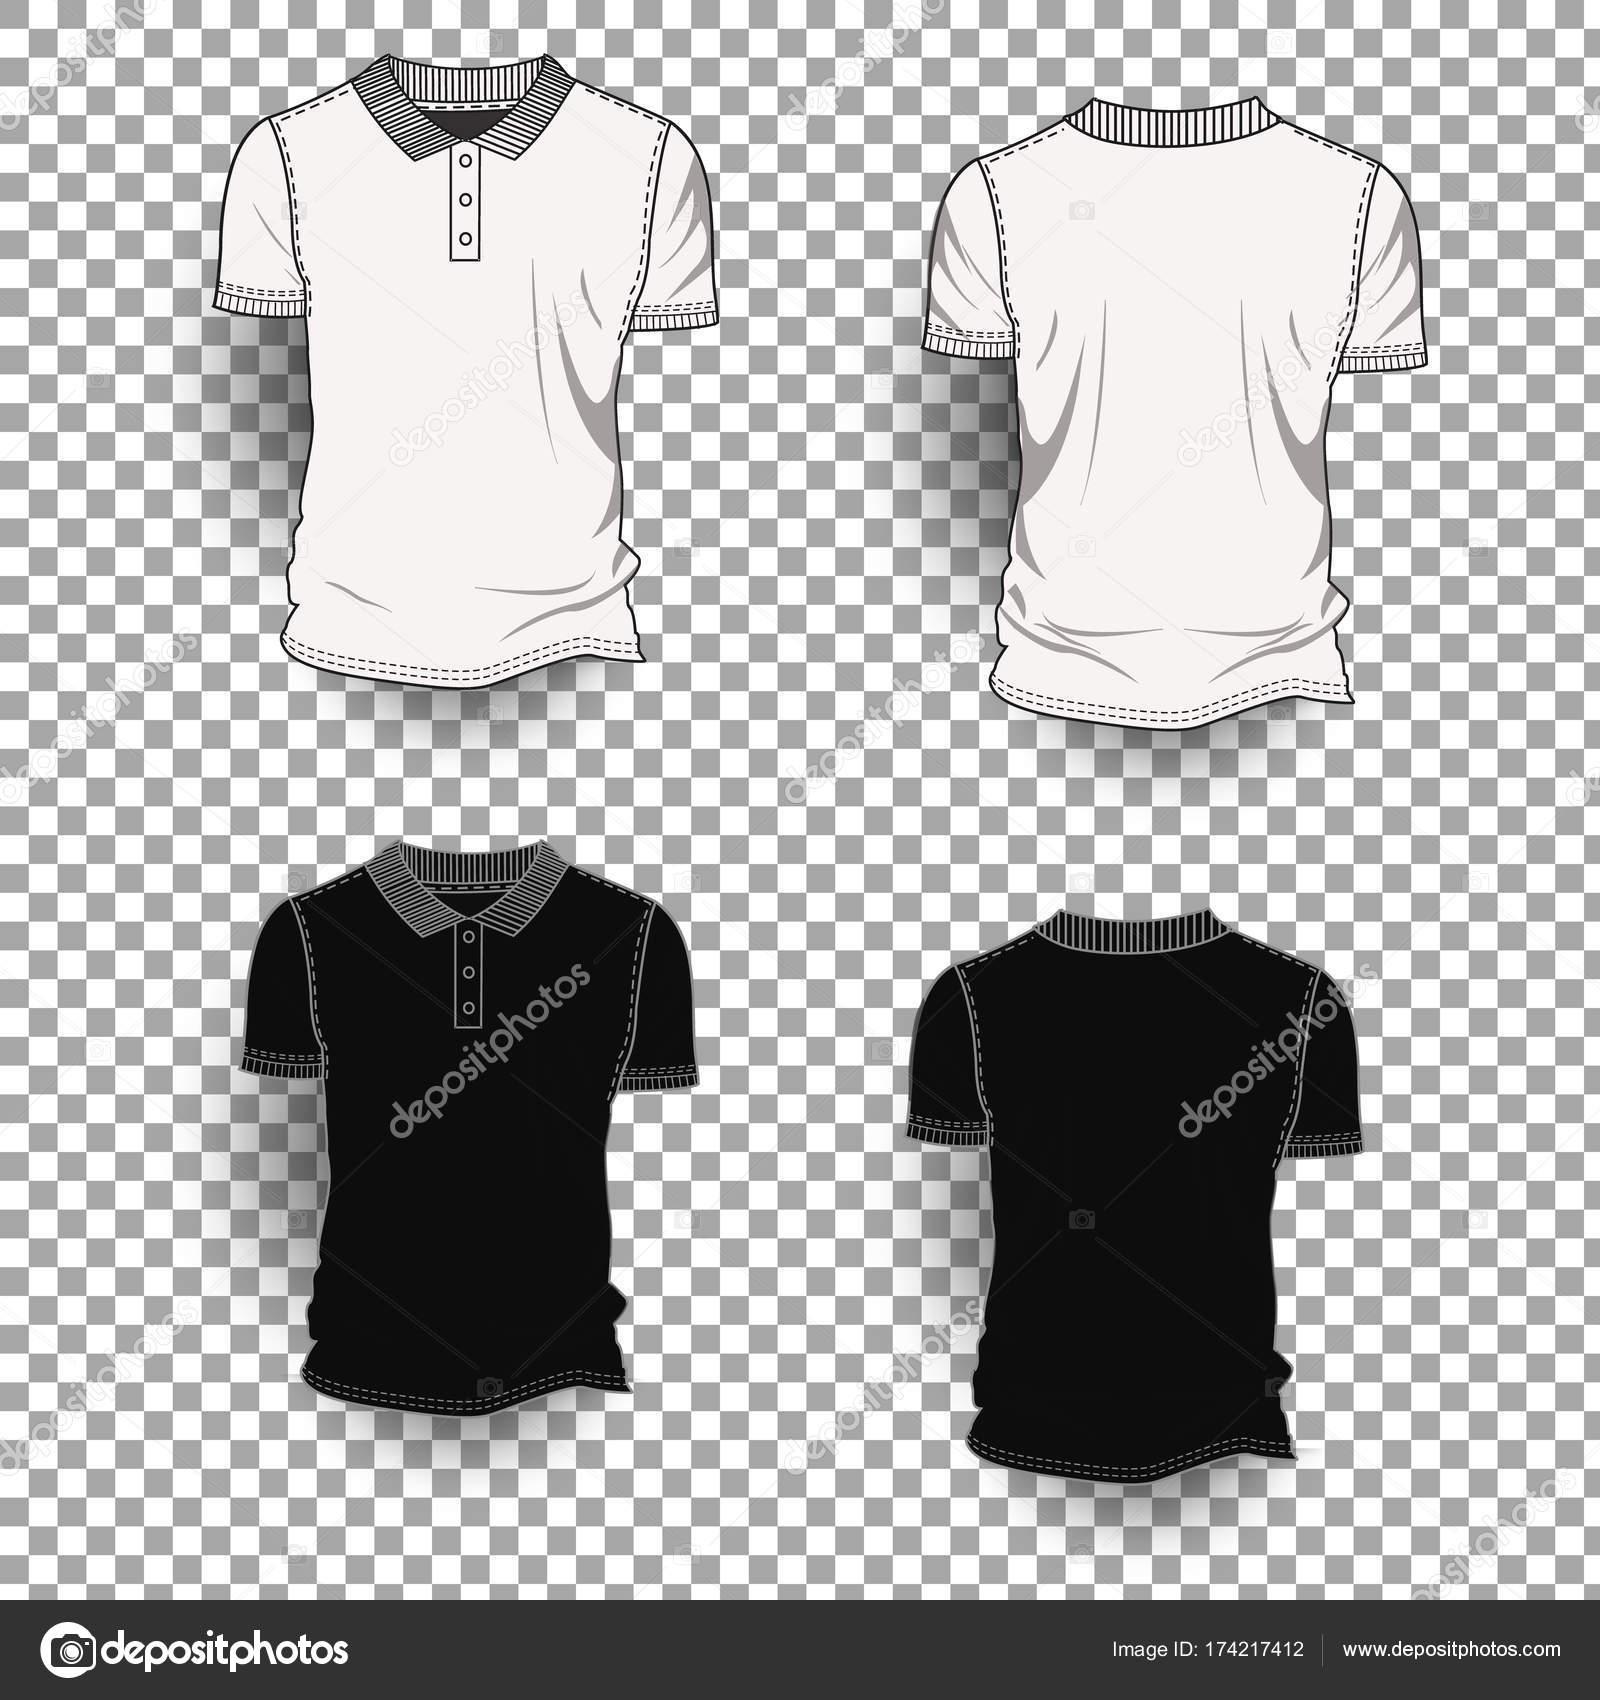 49aec6a89485c6 Przód koszulki szablon z powrotem realistyczny projekt ikonę przezroczyste  tło na białym tle — Wektor stockowy